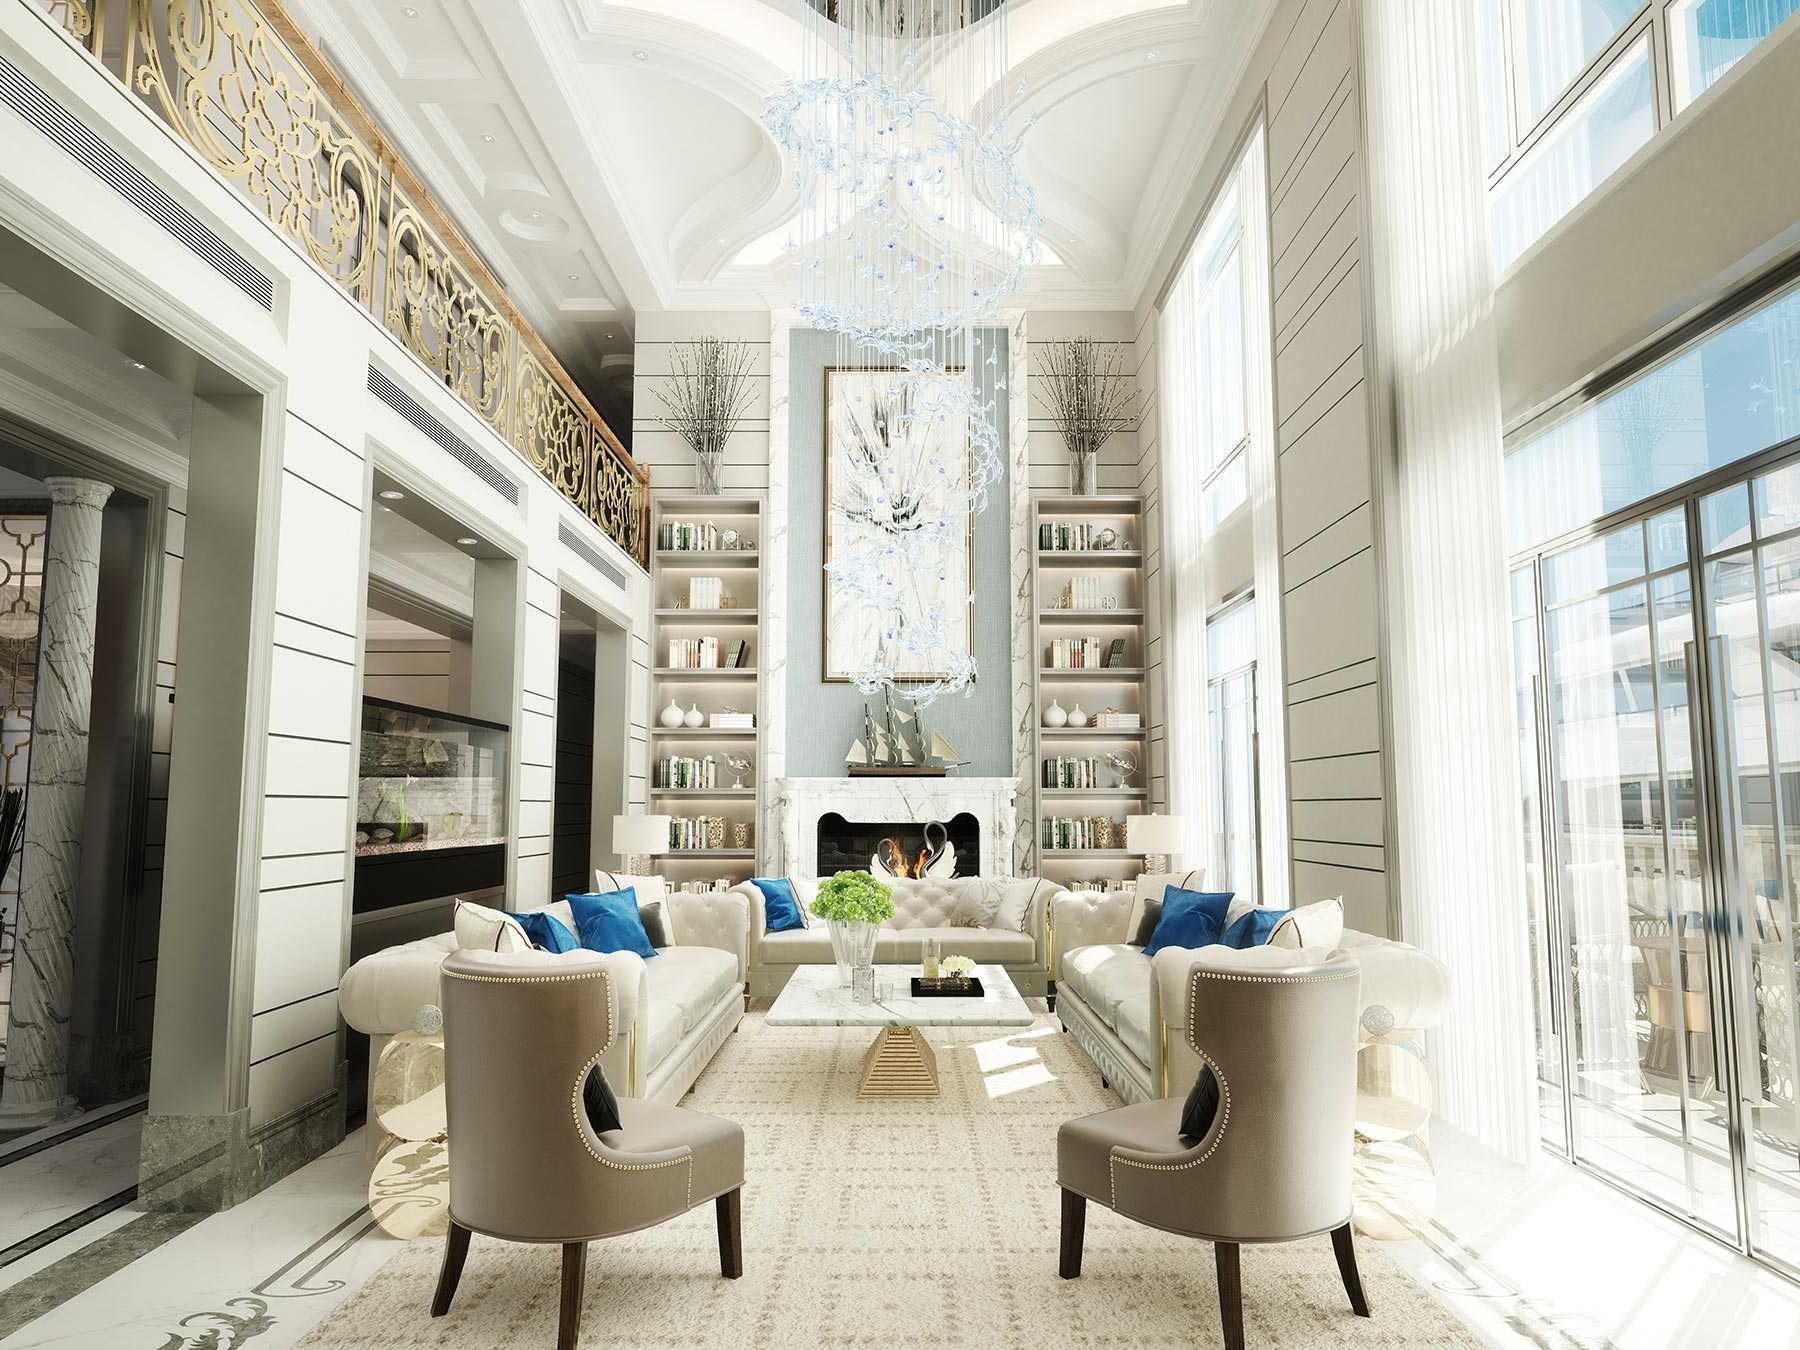 luxury-family-room-8V32SB5.jpg